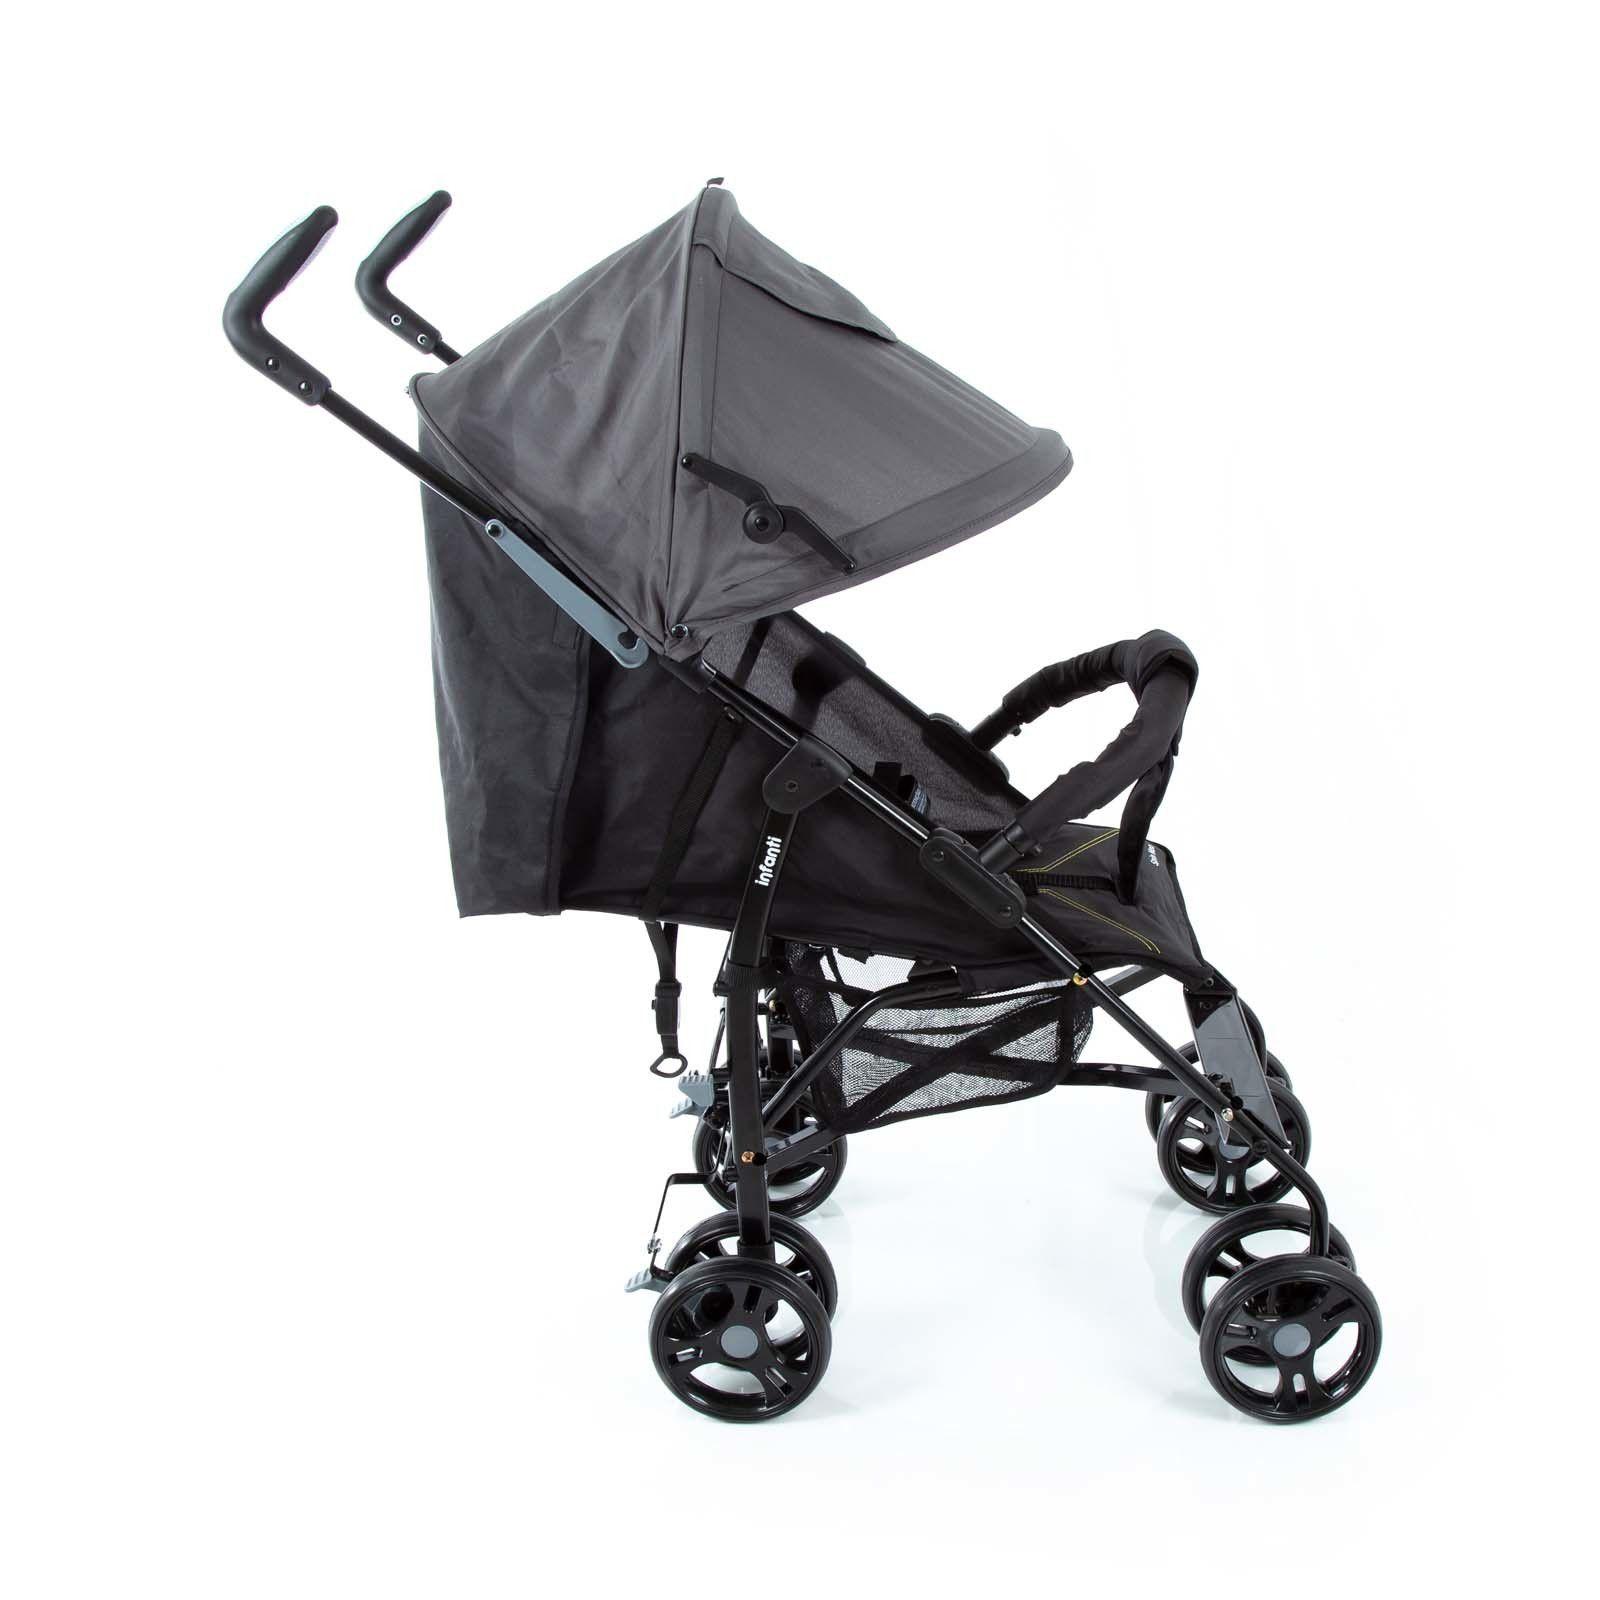 Carrinho De Bebê Umbrella Spin Neo Cinza Infanti